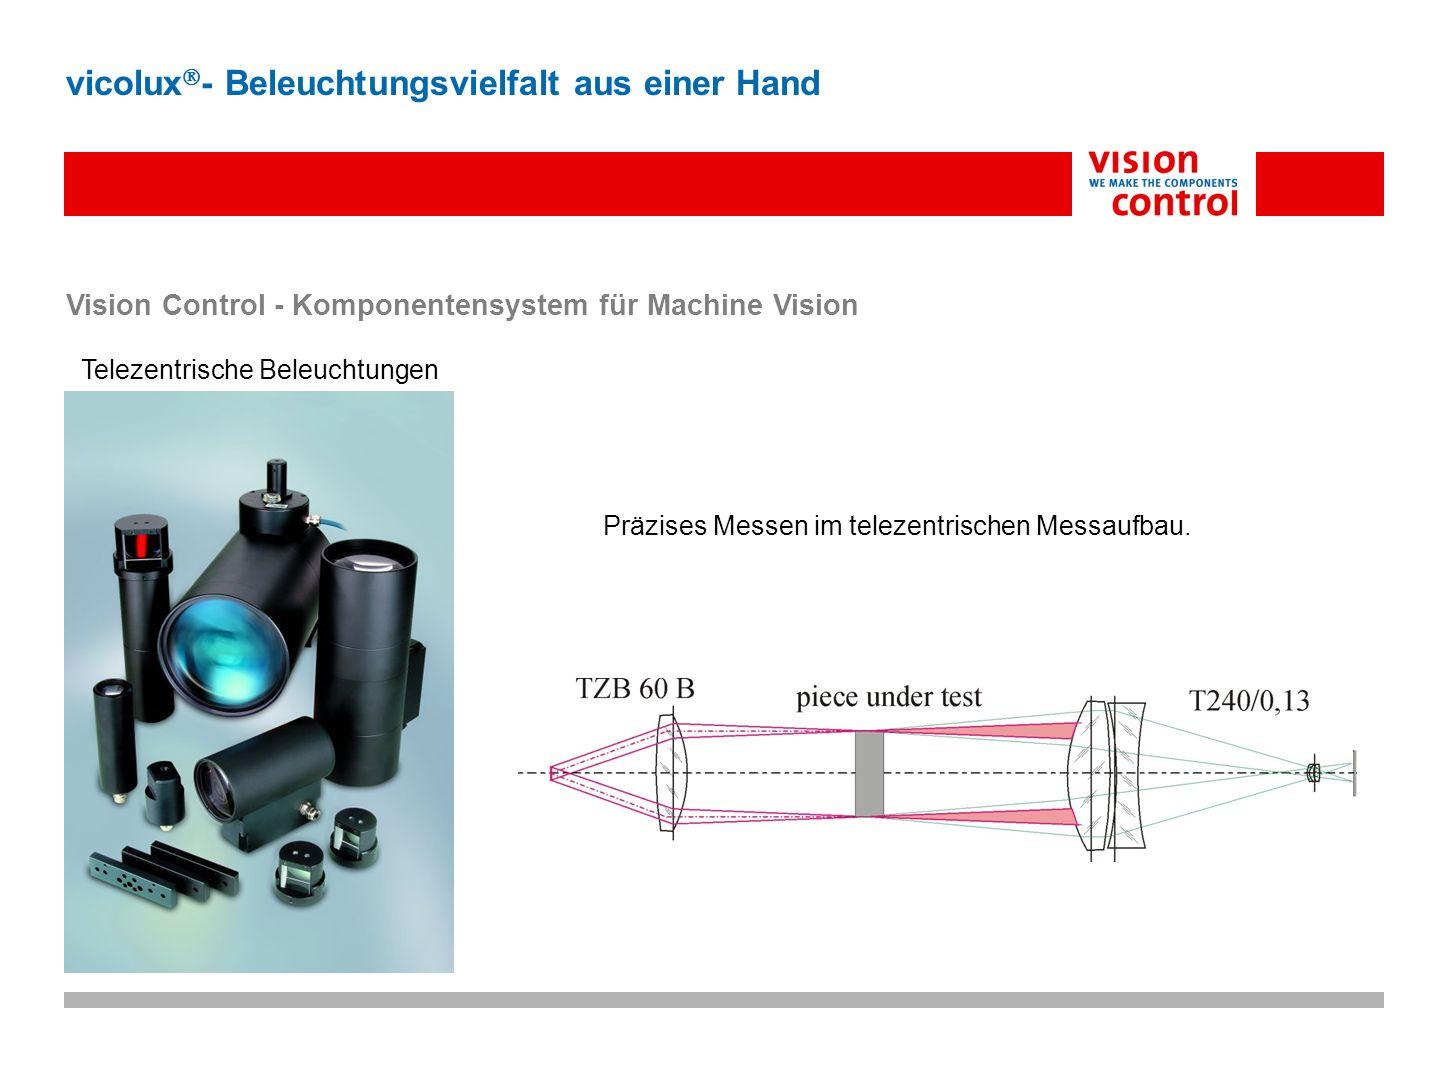 vicolux- Beleuchtungsvielfalt aus einer Hand